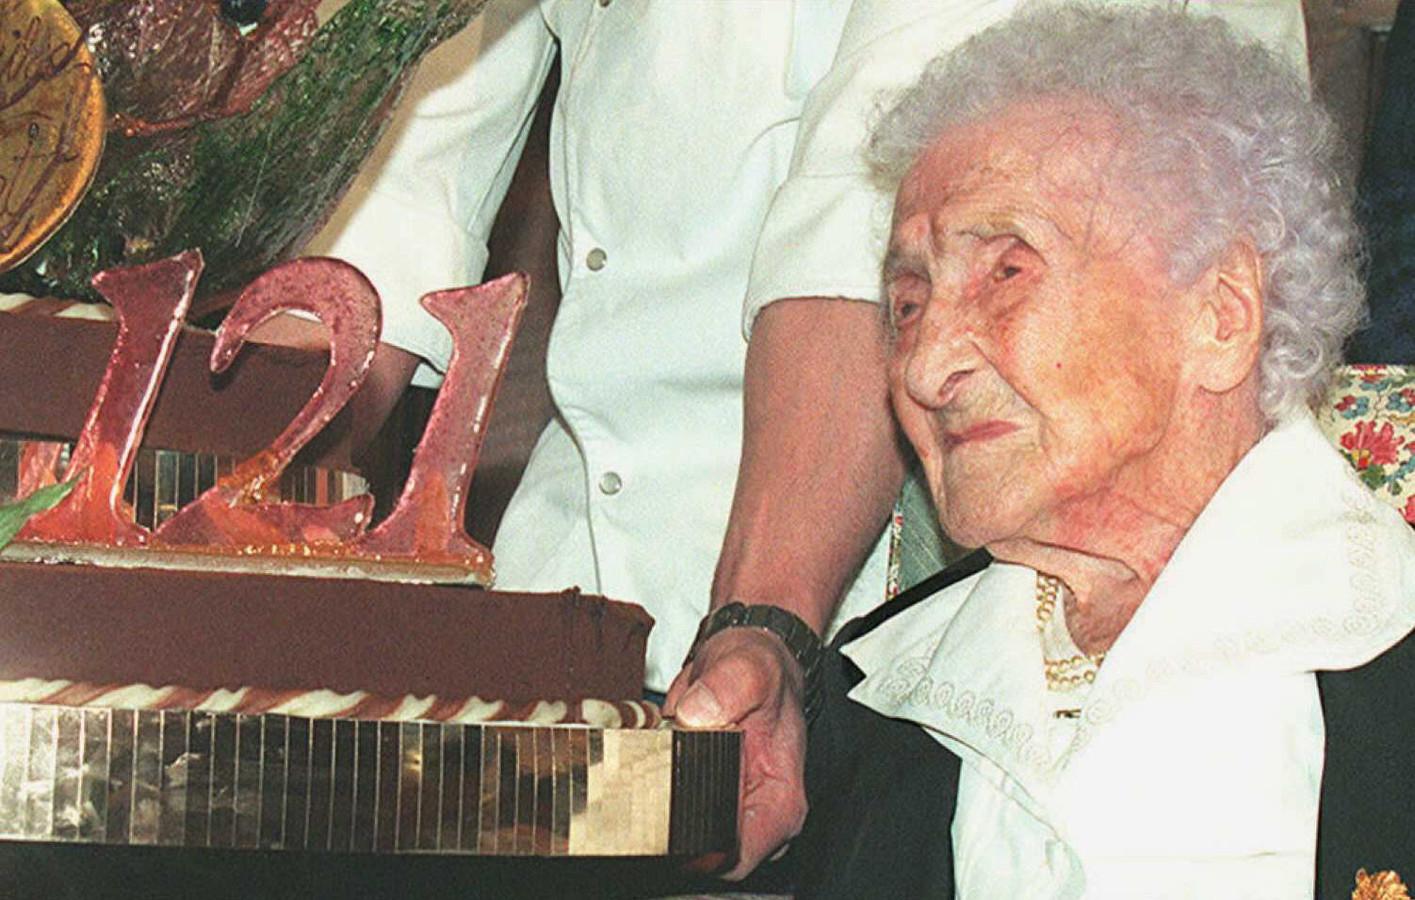 Jeanne Calment op het feestje voor haar 121e verjaardag. Of misschien eigenlijk haar 98e.